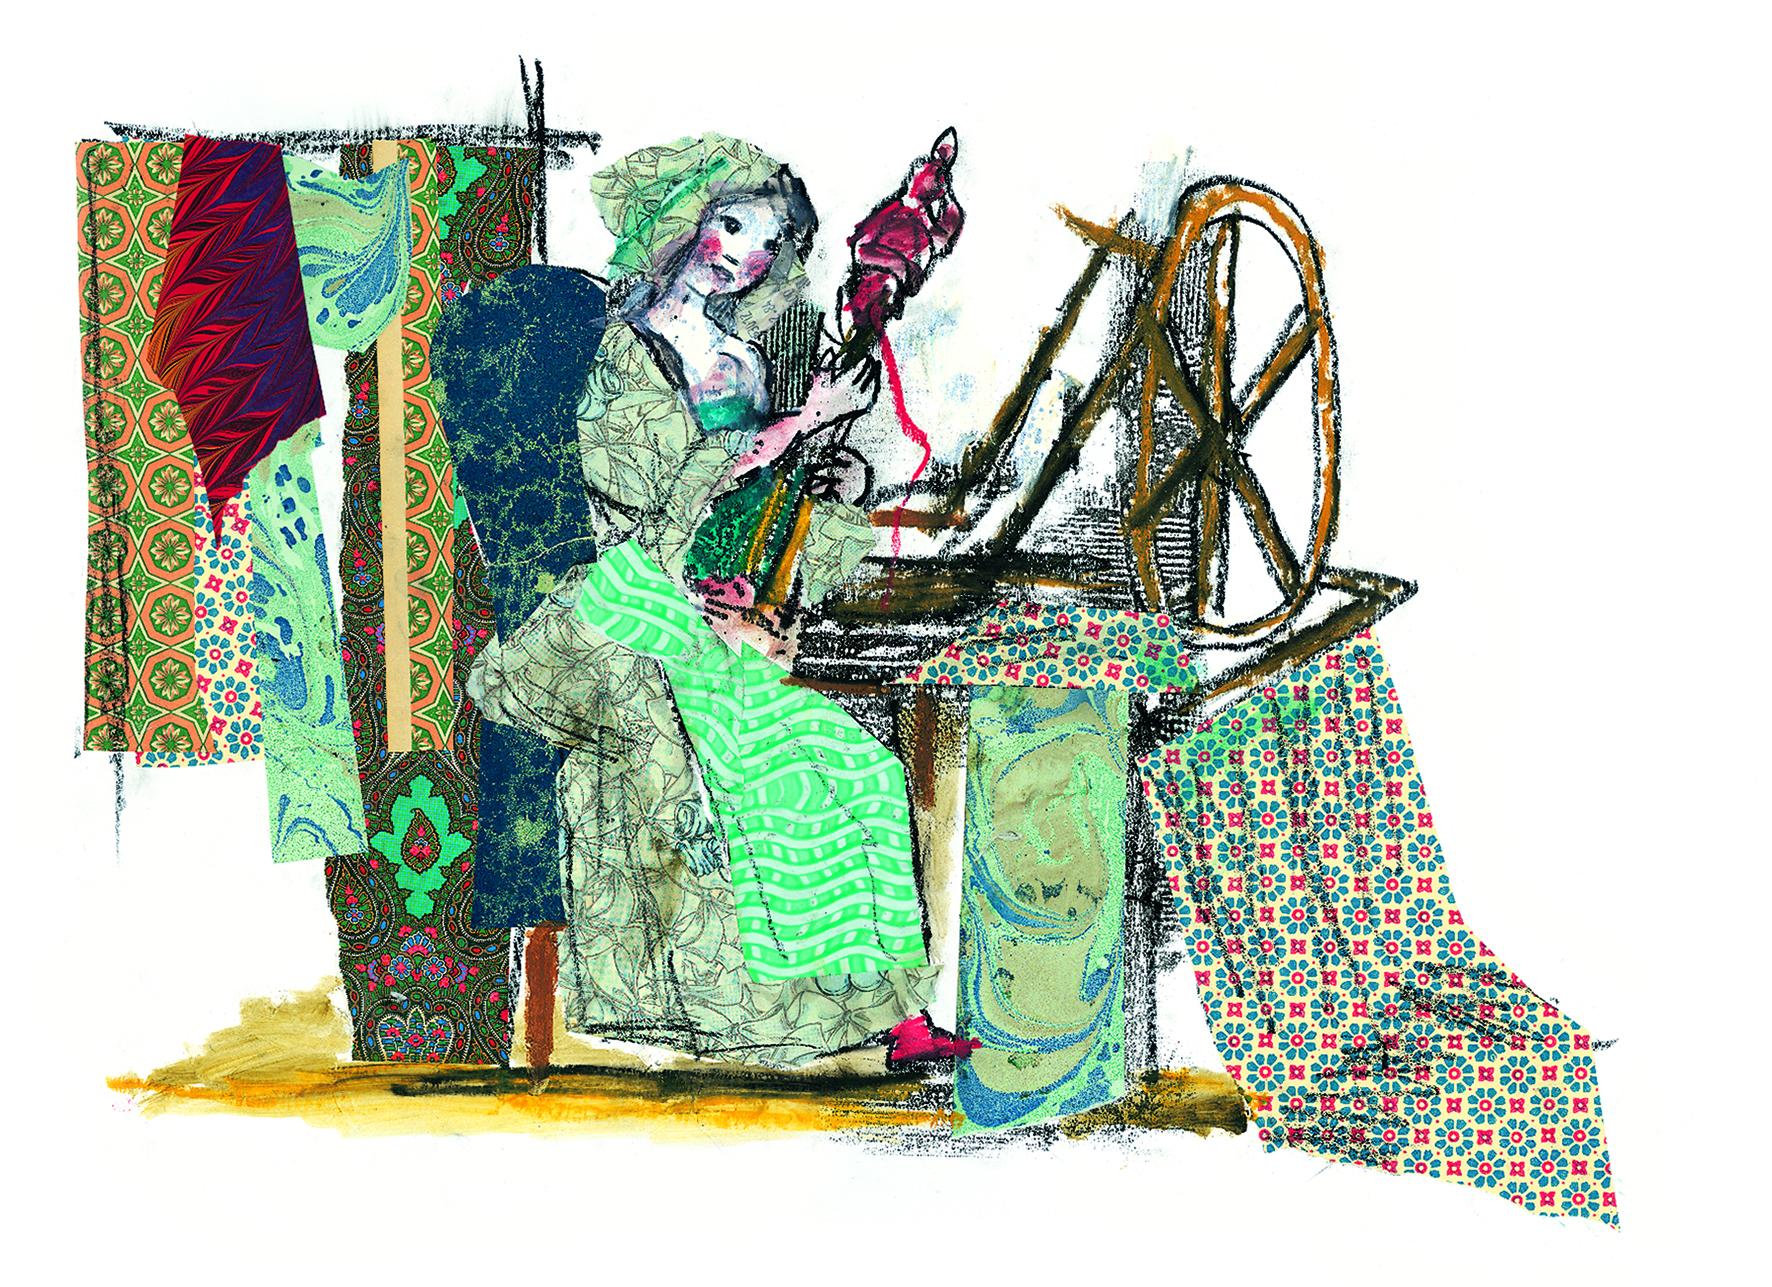 Fino al 30 novembre la mostra dell'illustratore genovese al Museo dell'Olivo di Imperia. Esposte 15 tavole originali